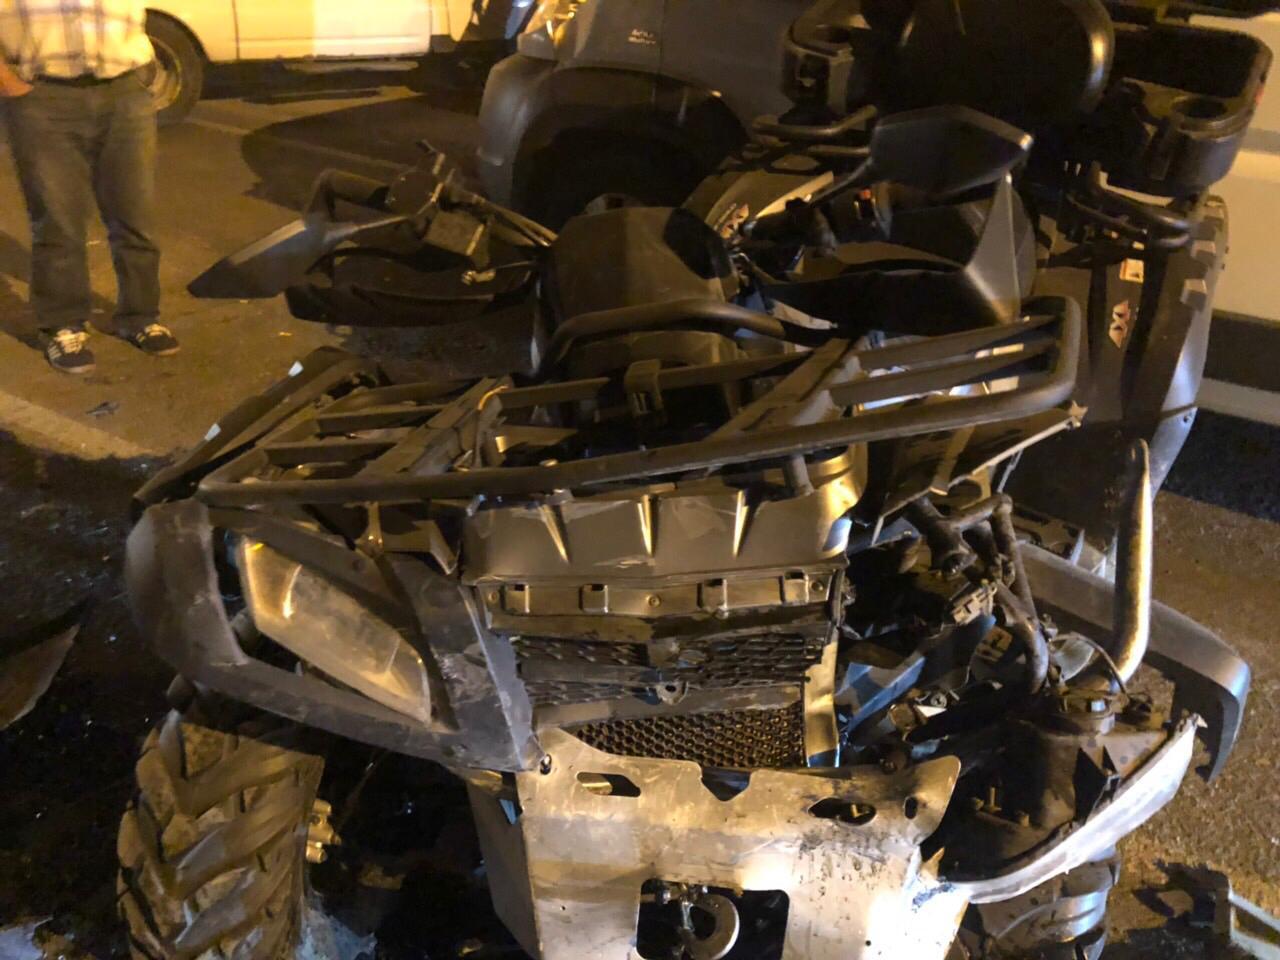 В ГИБДД рассказали подробности аварии с квадроциклом в Тольятти